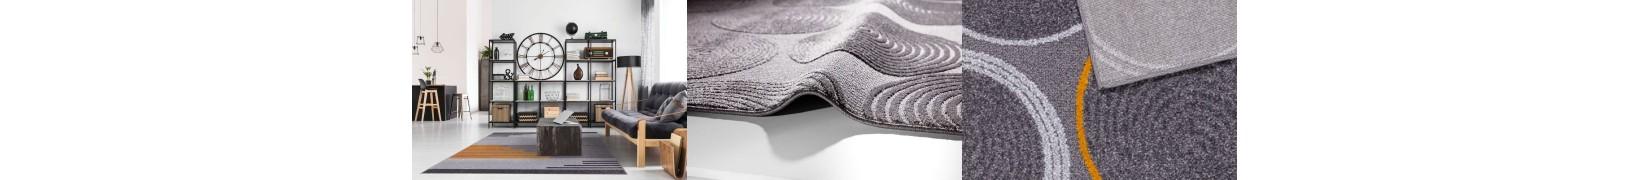 Najmodniejsze dywany do salonu z fabryki Agnella. Dywany METEO